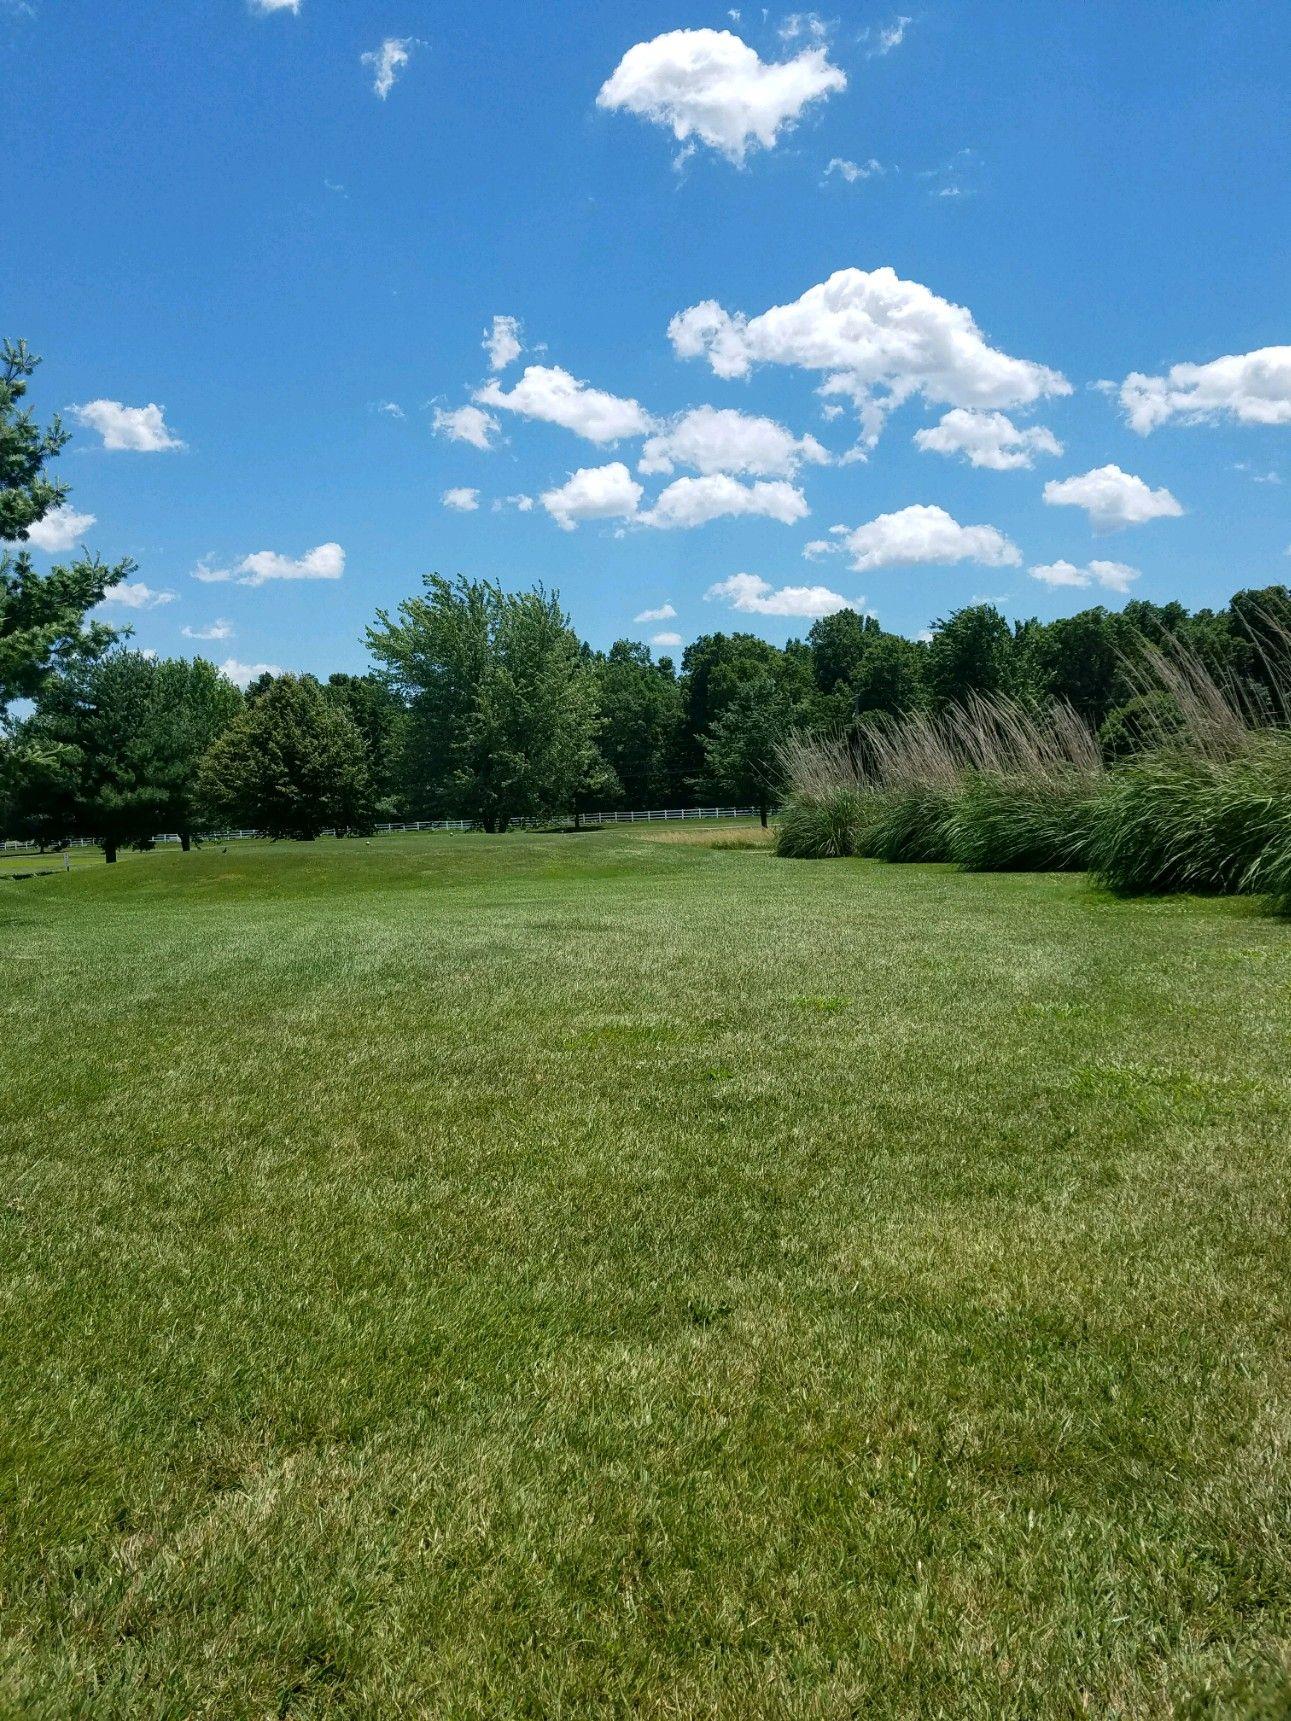 Green grass green lawn summer day green lawn green